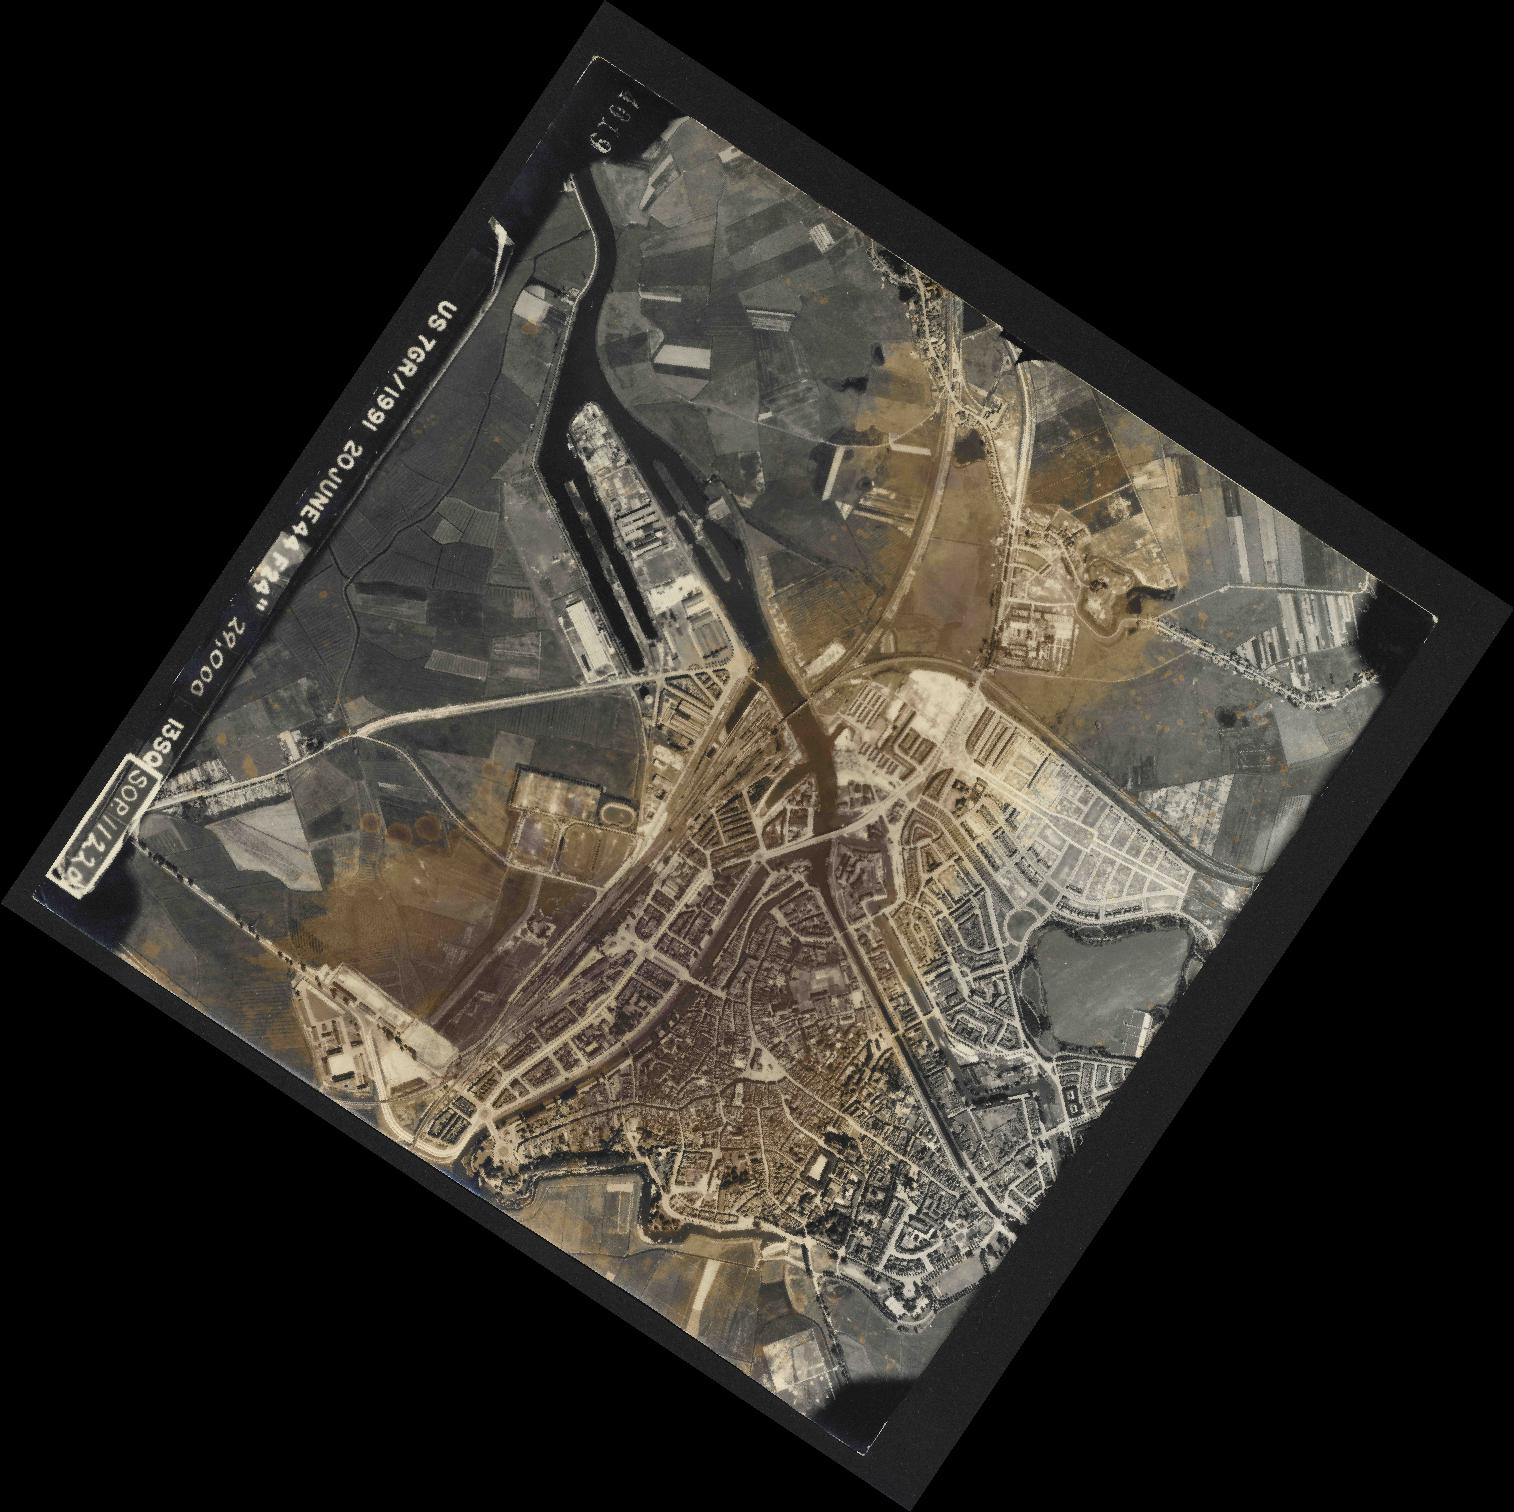 Collection RAF aerial photos 1940-1945 - flight 343, run 04, photo 4019